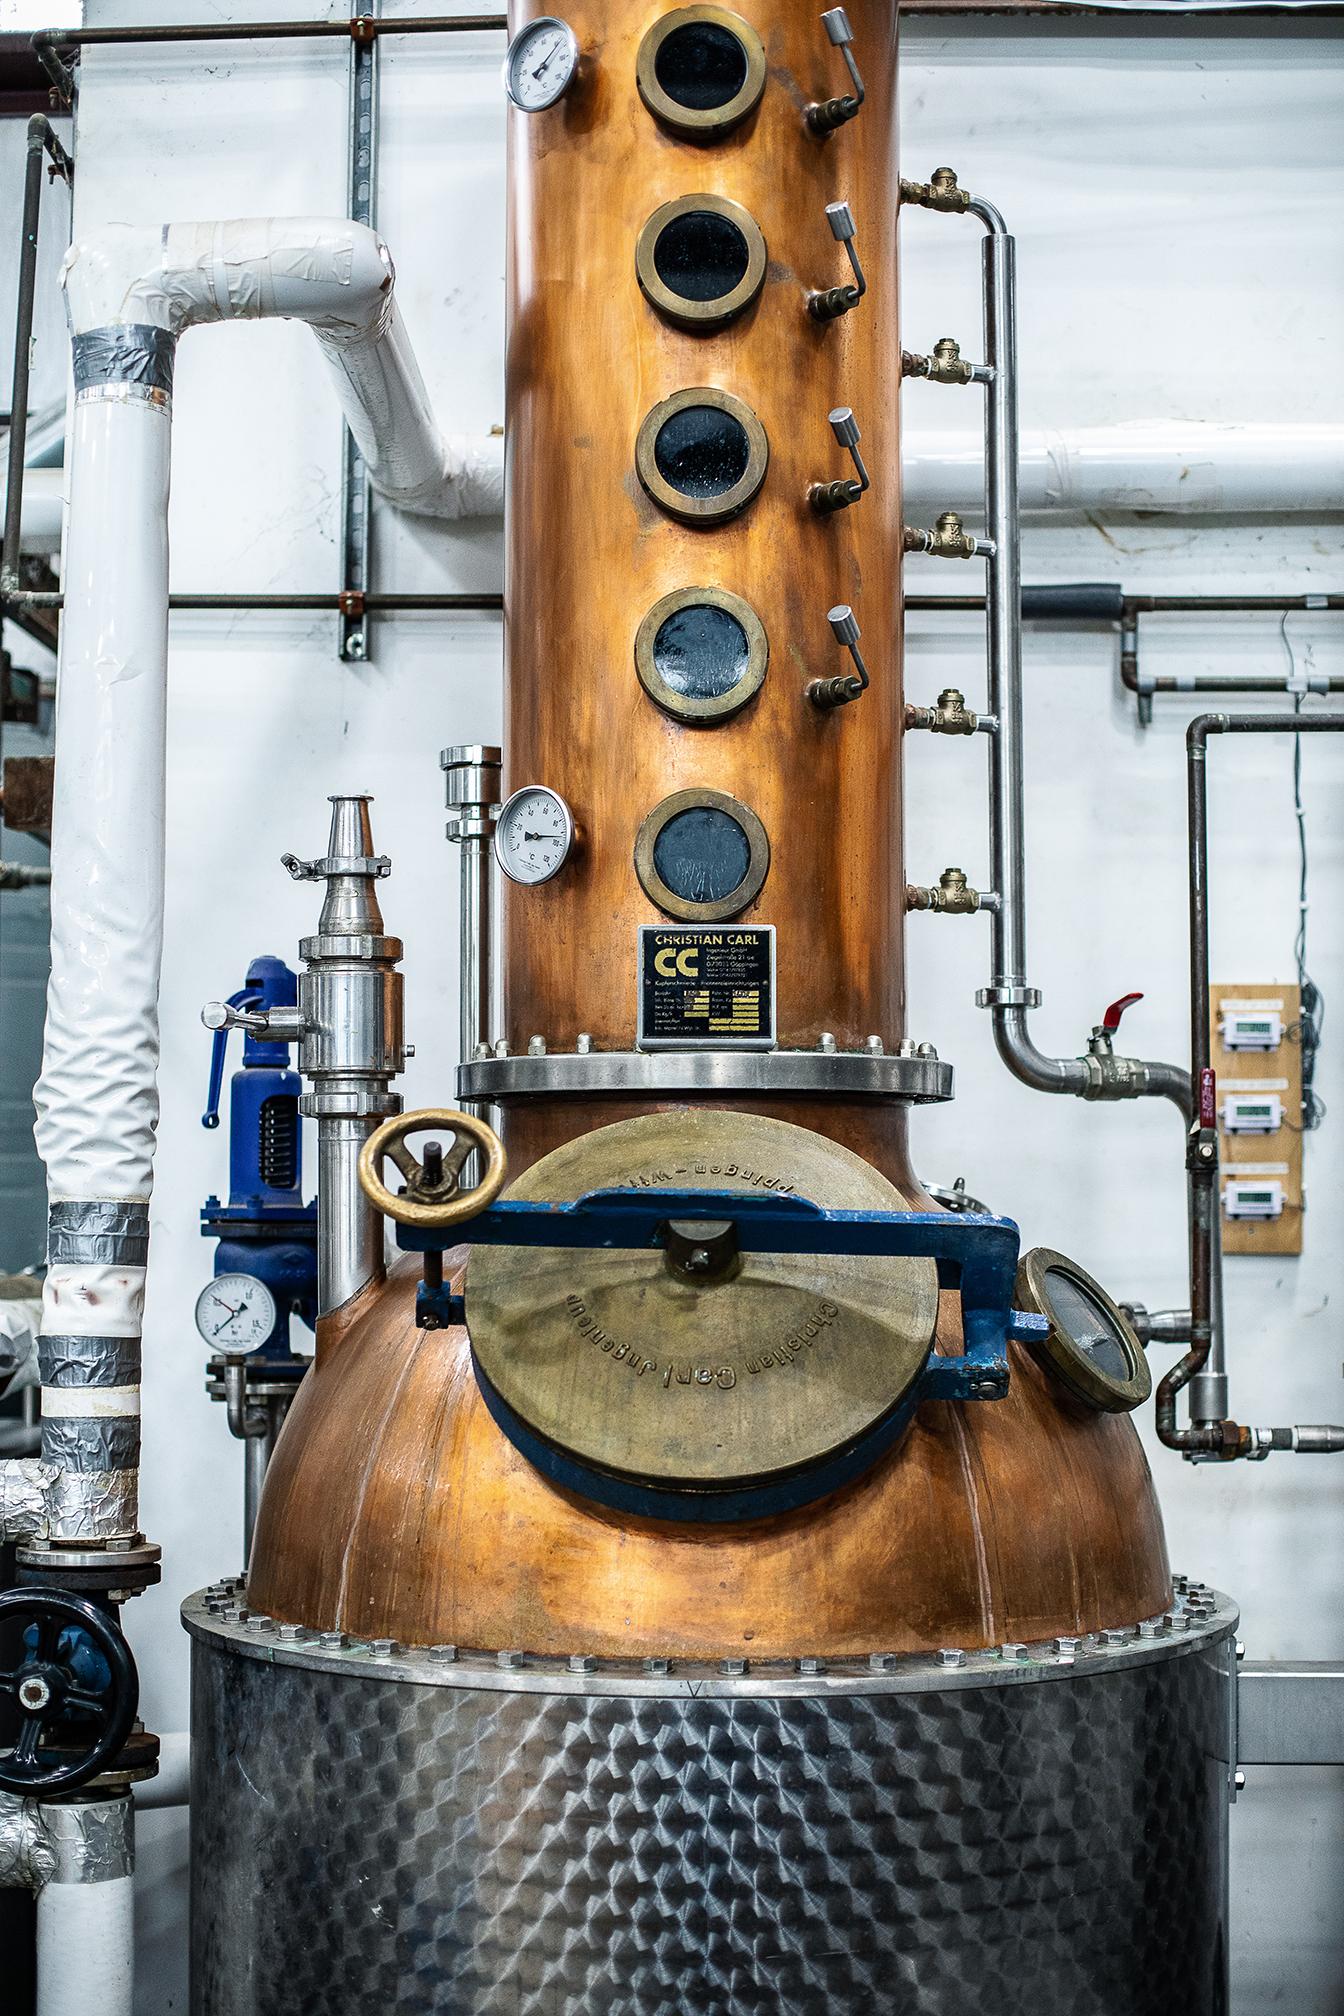 NewportCraft_Distilling.jpg